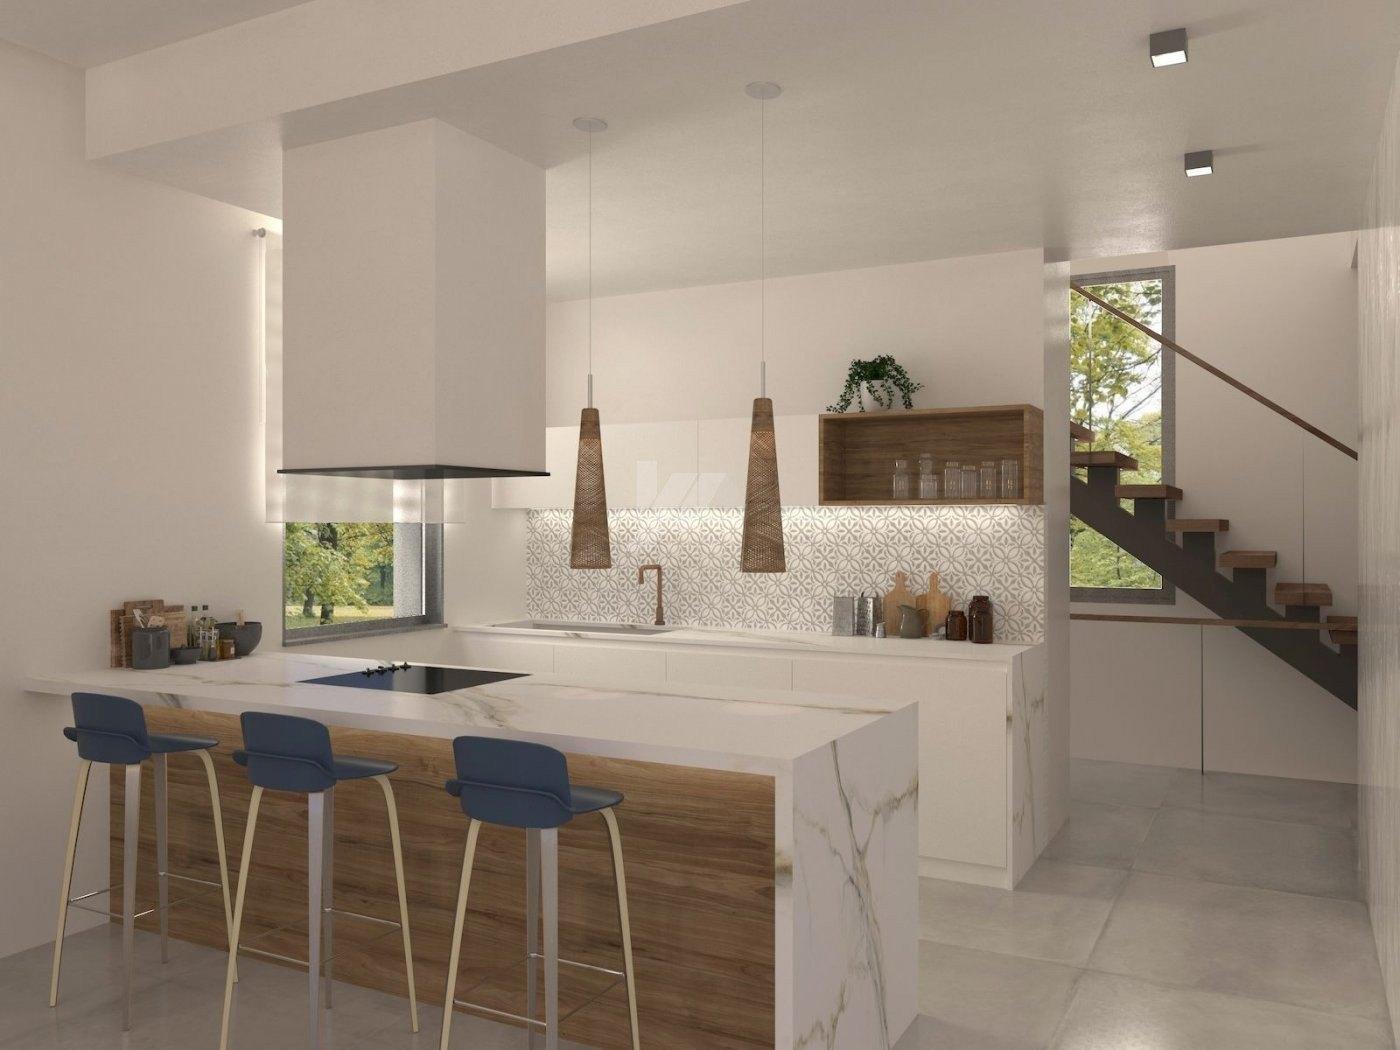 New build villa for sale in Calpe, Costa Blanca.